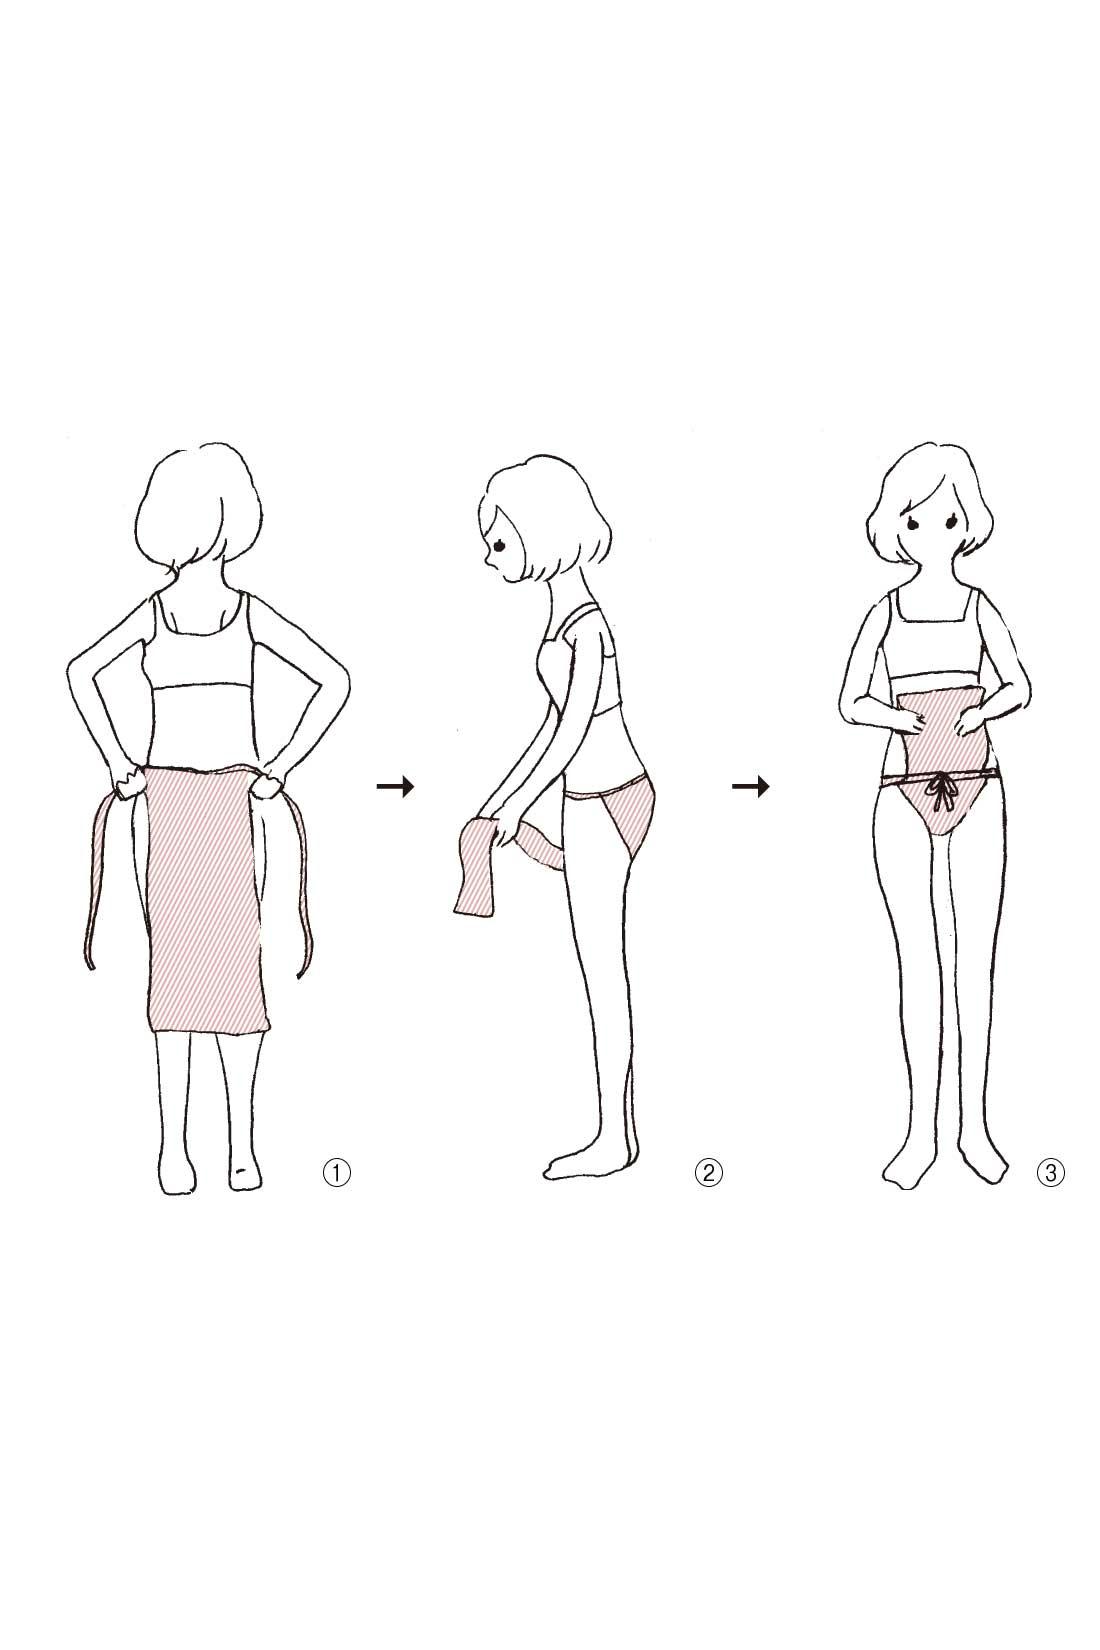 1: 腰の後ろからおなかにひもをまわし結ぶ。2 : またの間から後ろの布を前に持ってくる。3 : 前で結んだひもにくぐらせ、キュッと整えてできあがり。